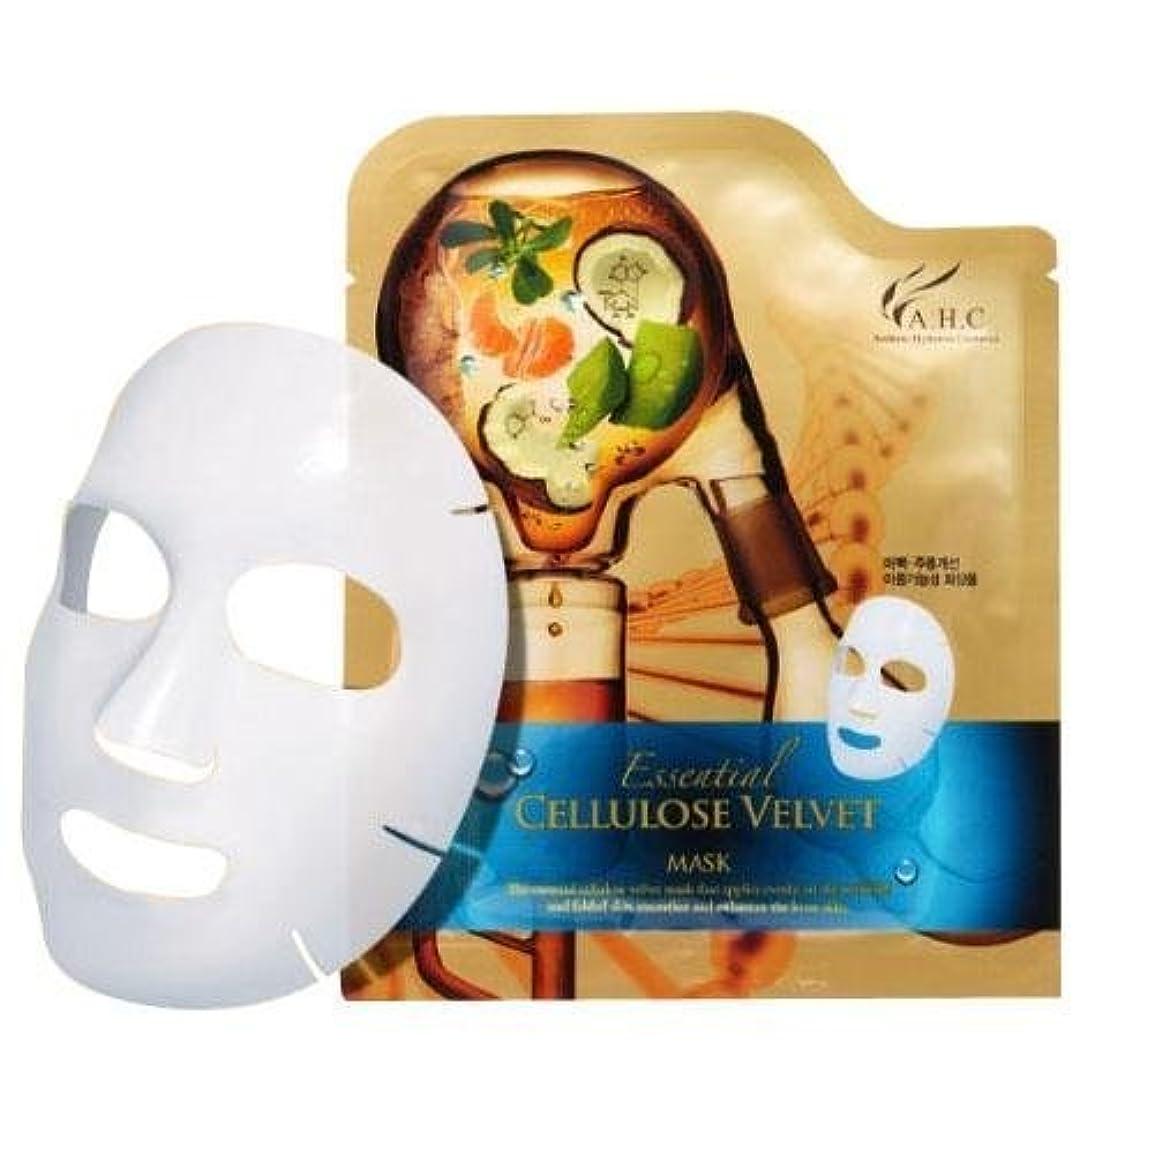 句読点オフセット腐ったA.H.C Essencial Cellulose Velvet Mask (30g*1EA)/ Made in Korea